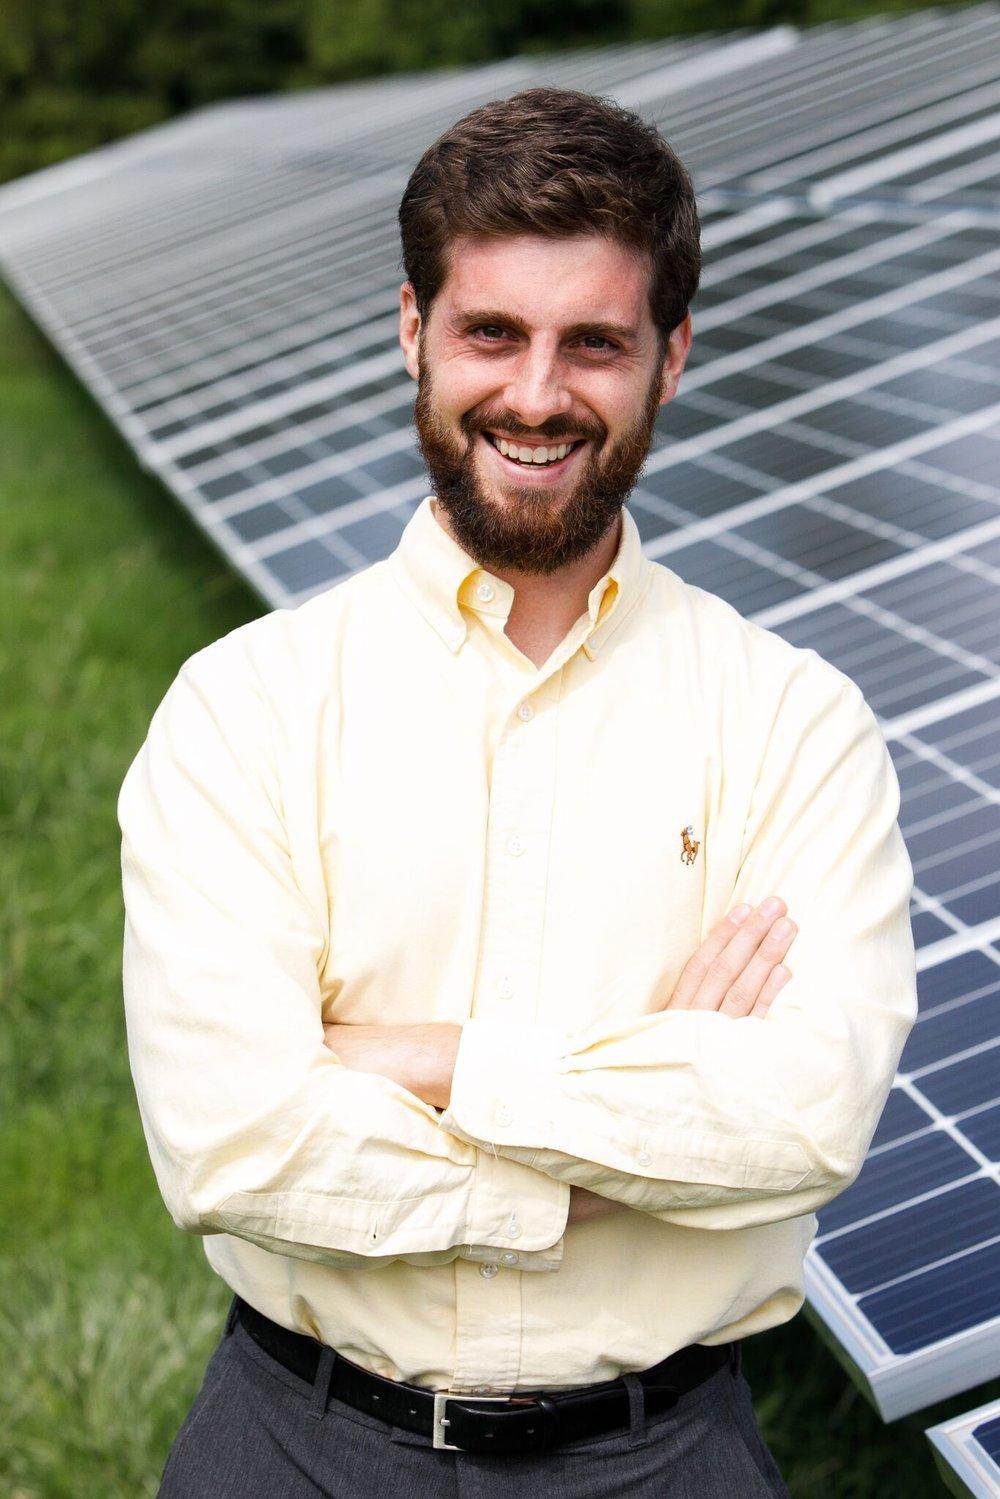 Nick DiFerdinando of SunTribe Solar